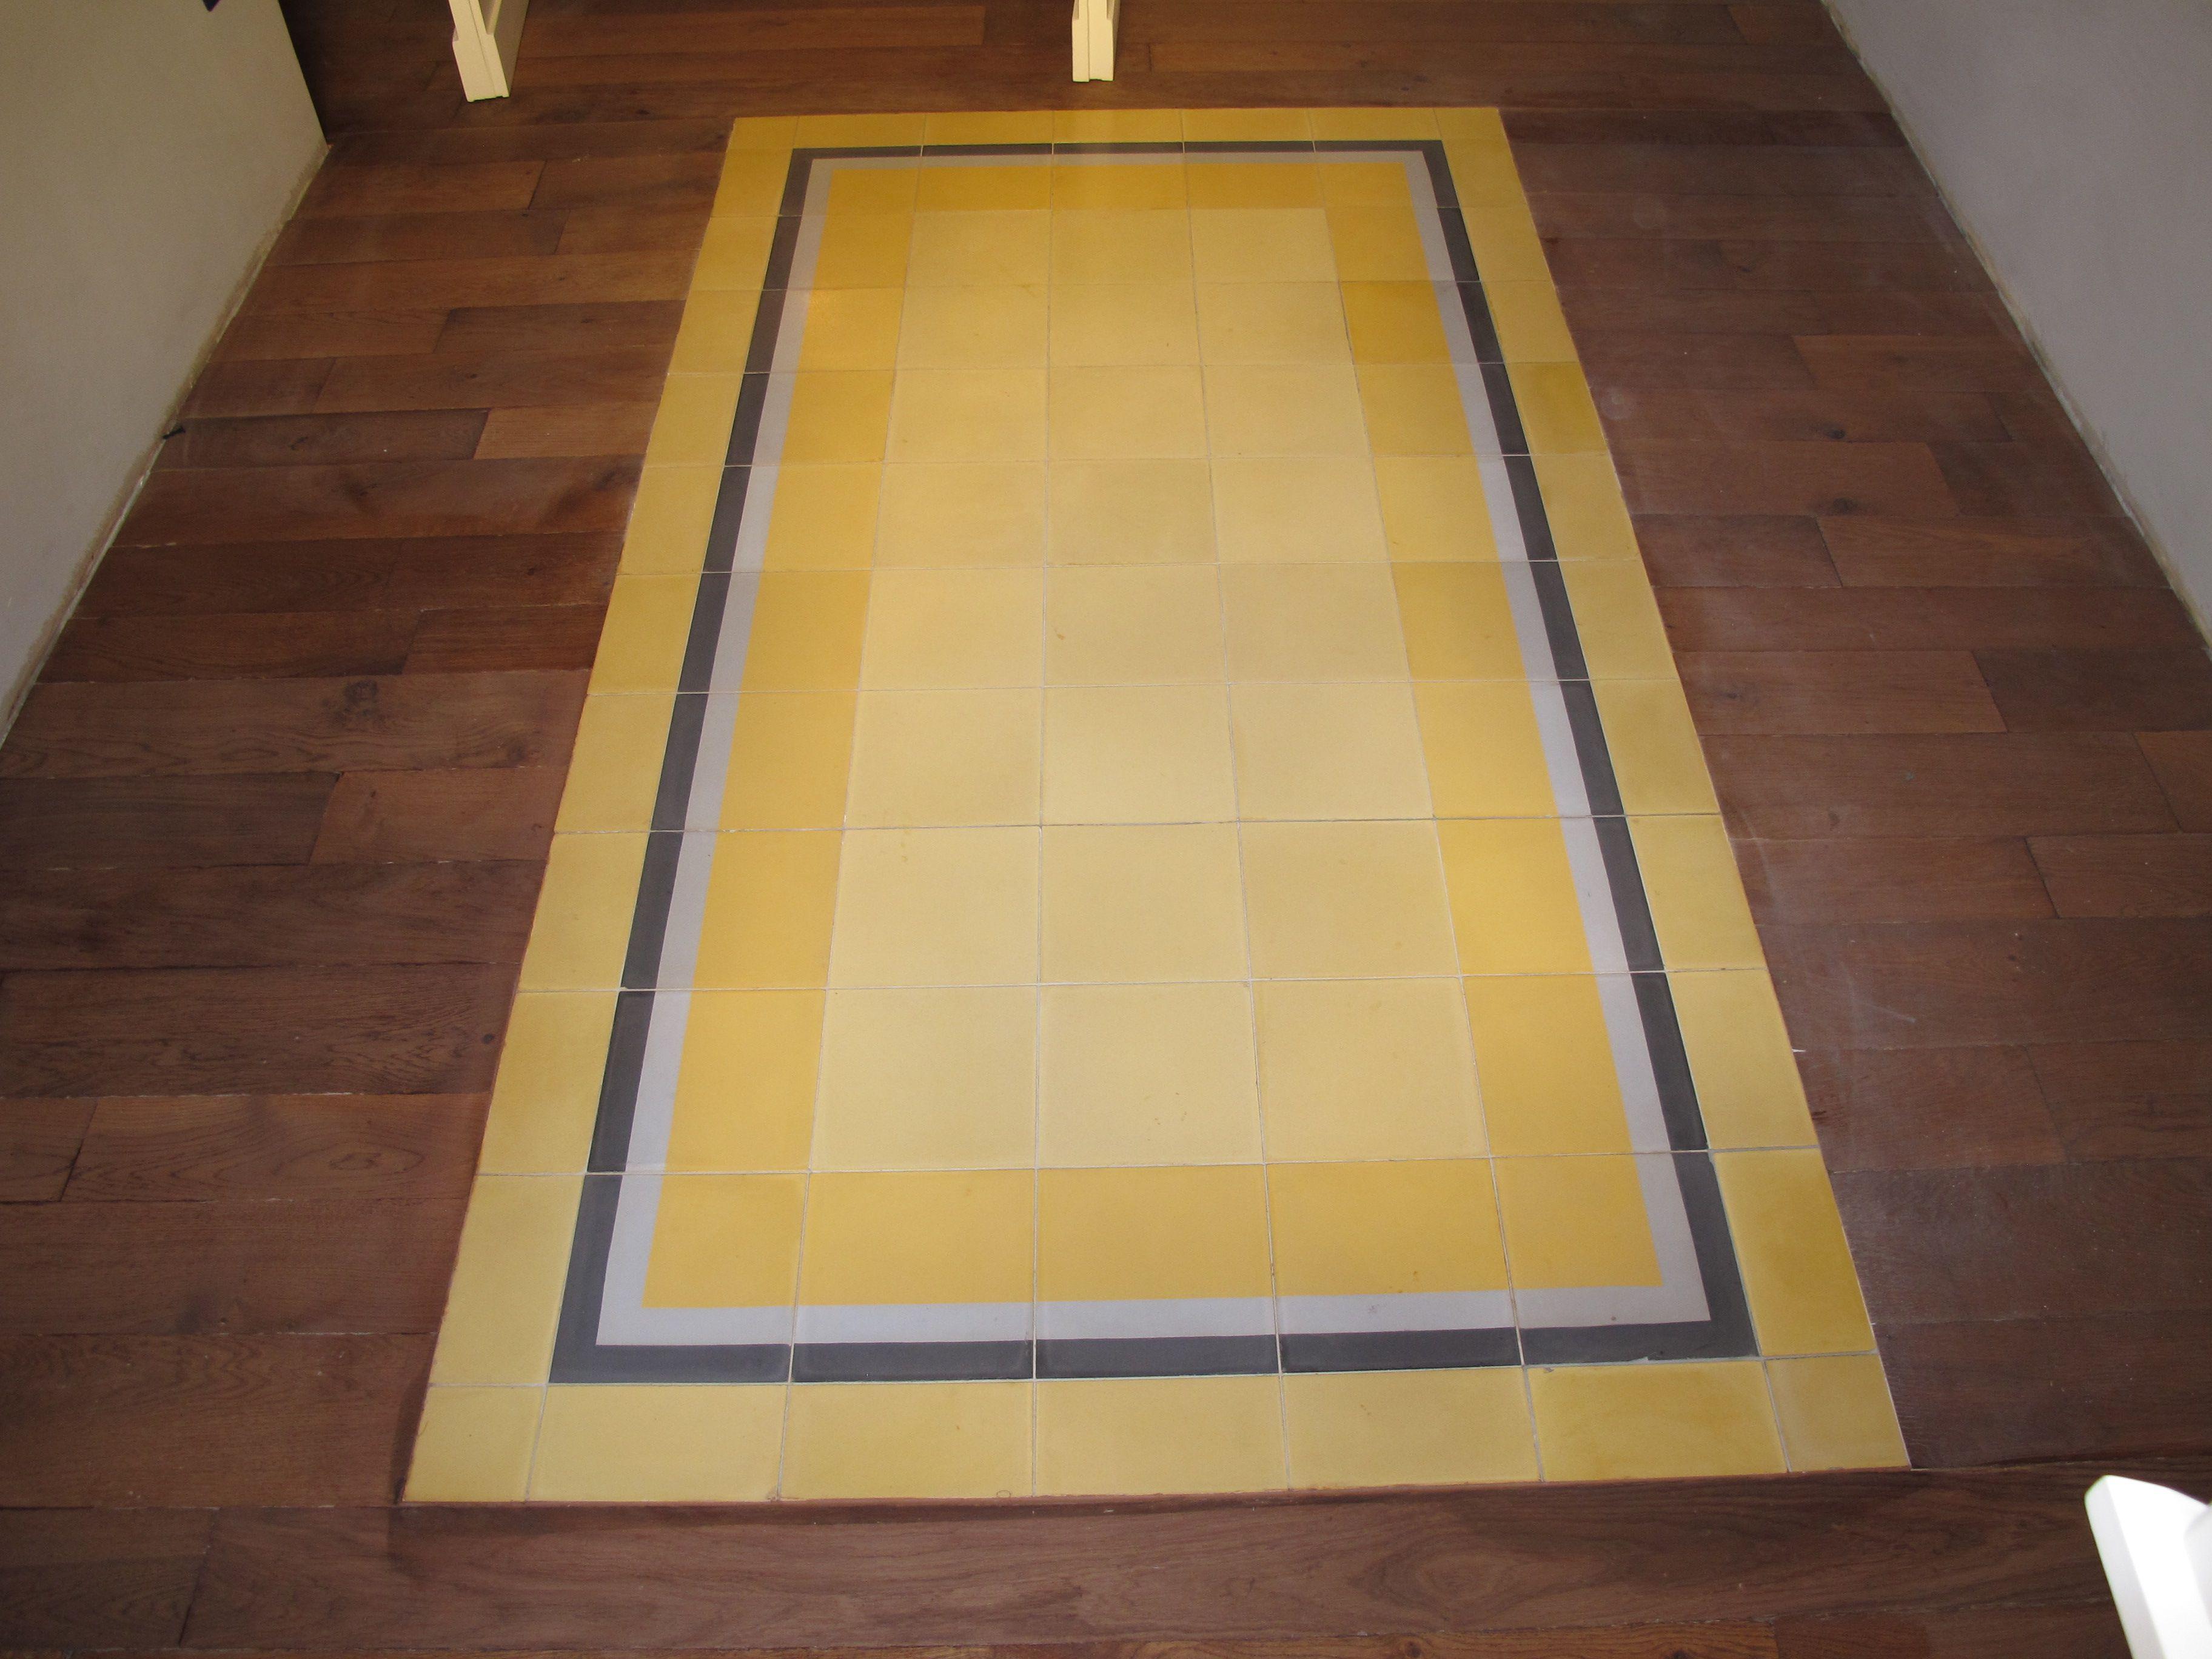 Pavimento misto legno e cementine nuove pavimenti for Pavimento legno esterno ikea